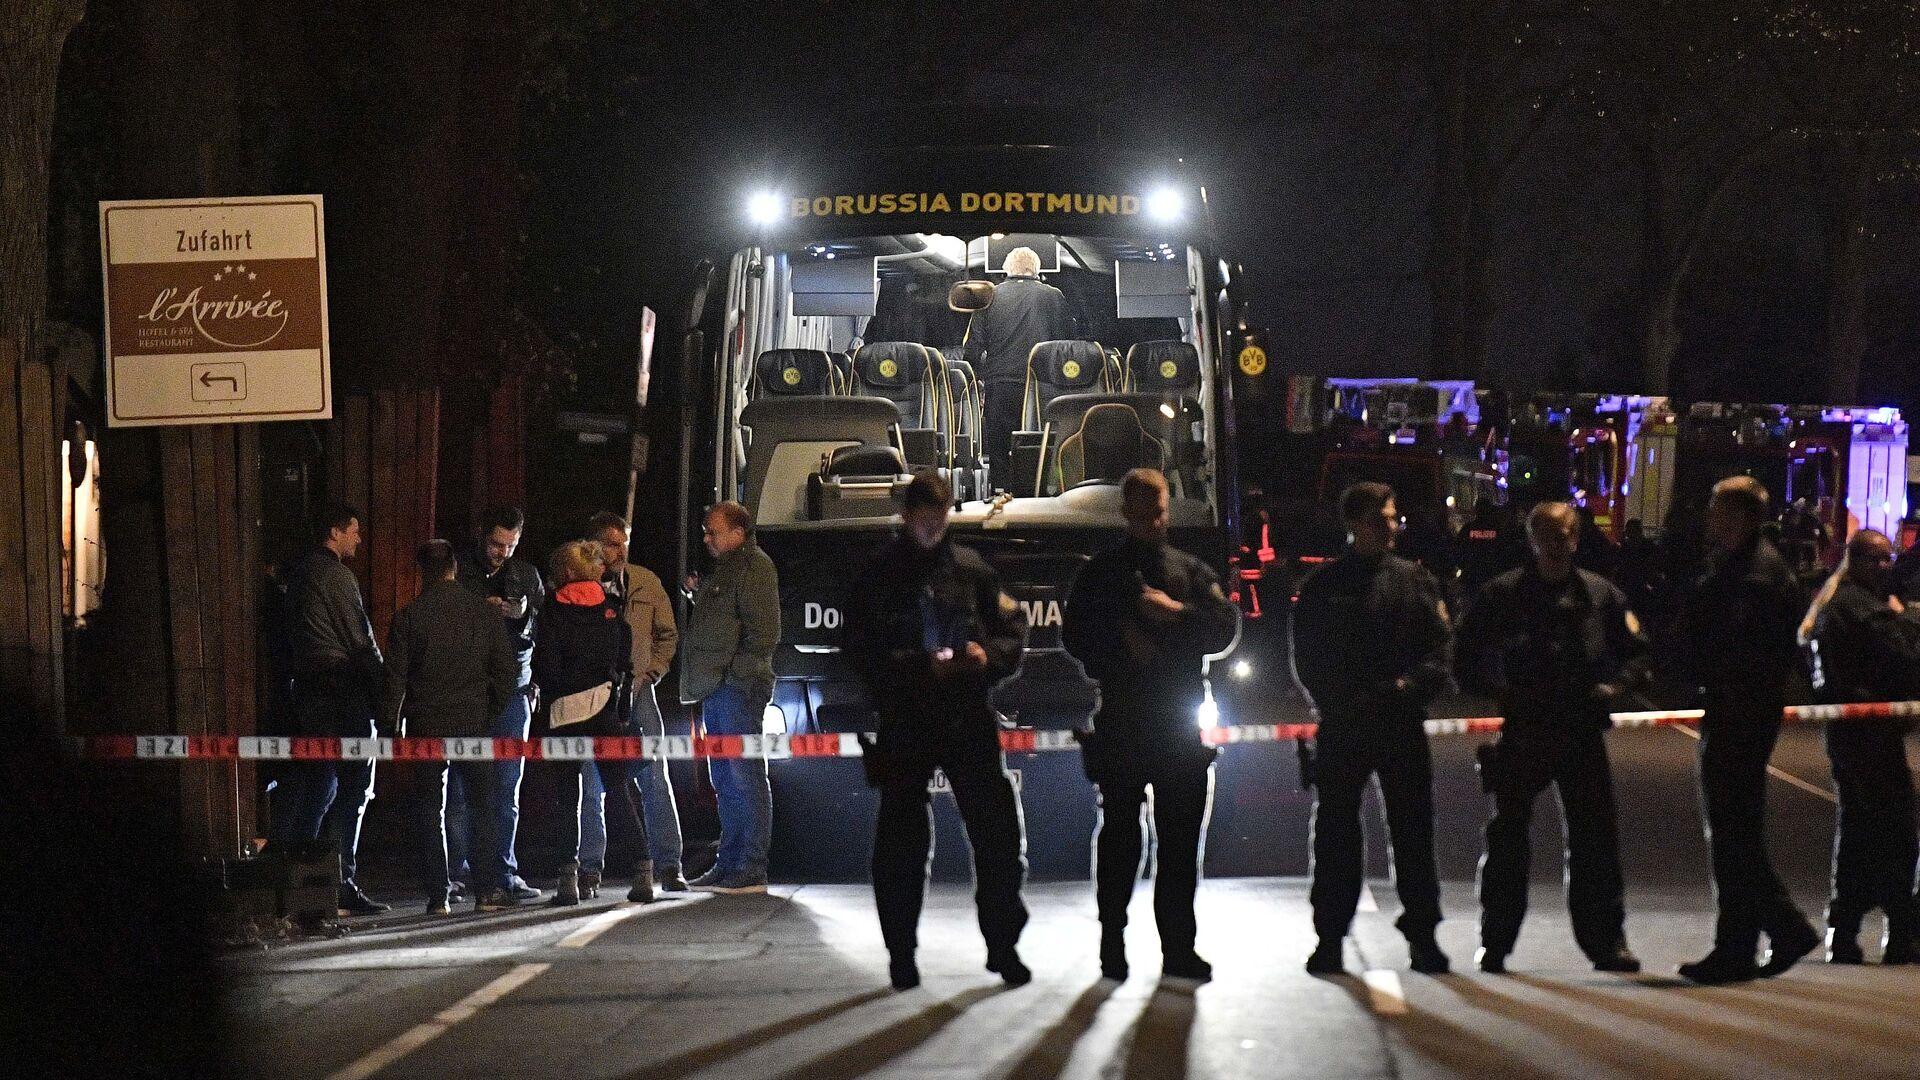 Полицейские у автобуса футбольного клуба Боруссия Дортмунд после взрыва перед матчем Лиги чемпионов. 11 апреля 2017 - РИА Новости, 1920, 12.04.2017